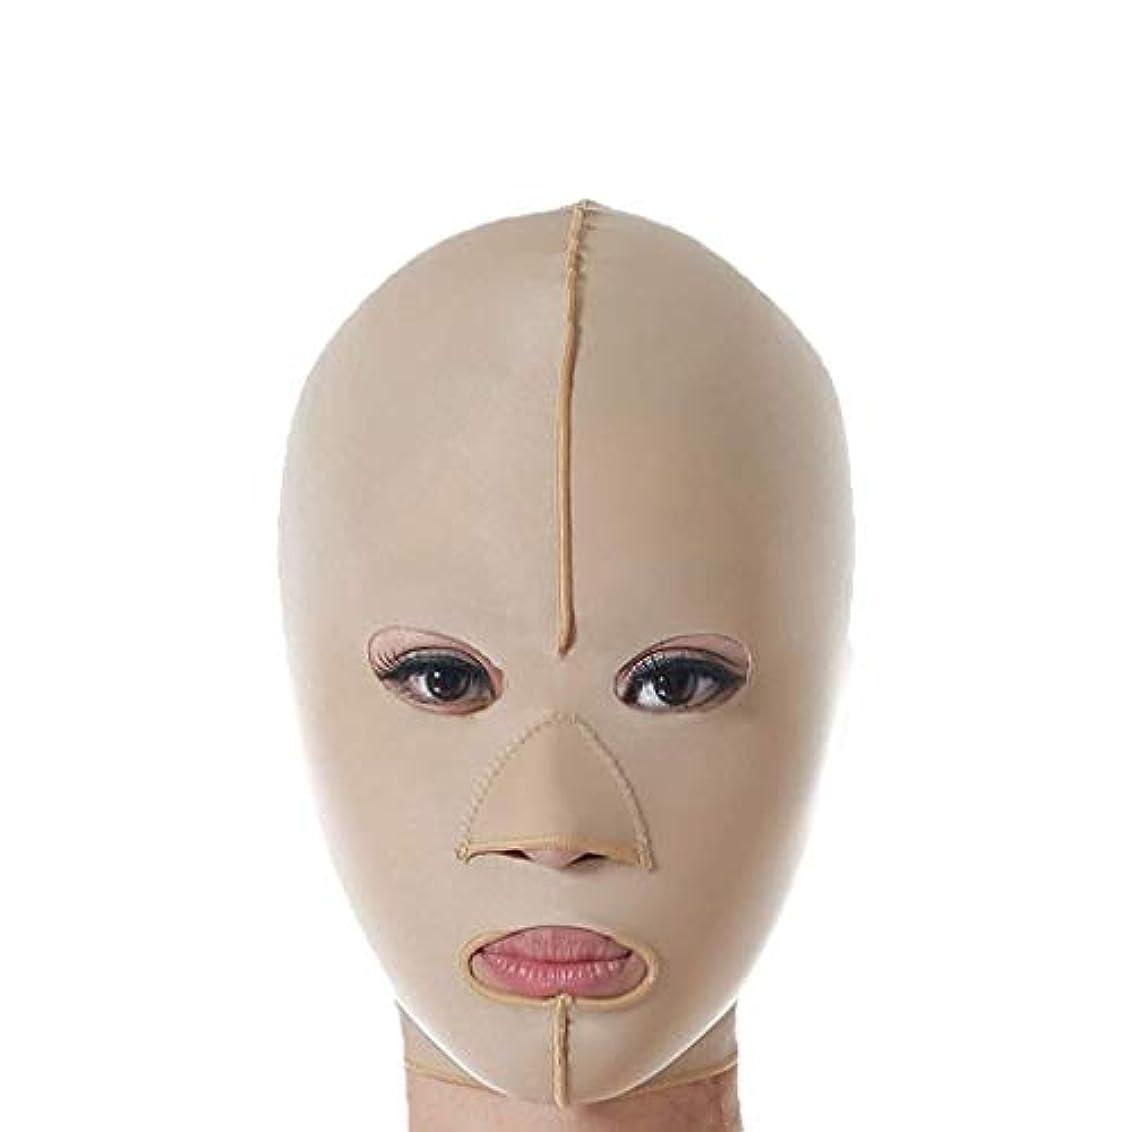 侮辱温度休み減量フェイスマスク、リフティング包帯、スリムフェイスリフトリフティングベルト、フェイシャル減量リフティング包帯、リフティングファーミング包帯(サイズ:XL),M